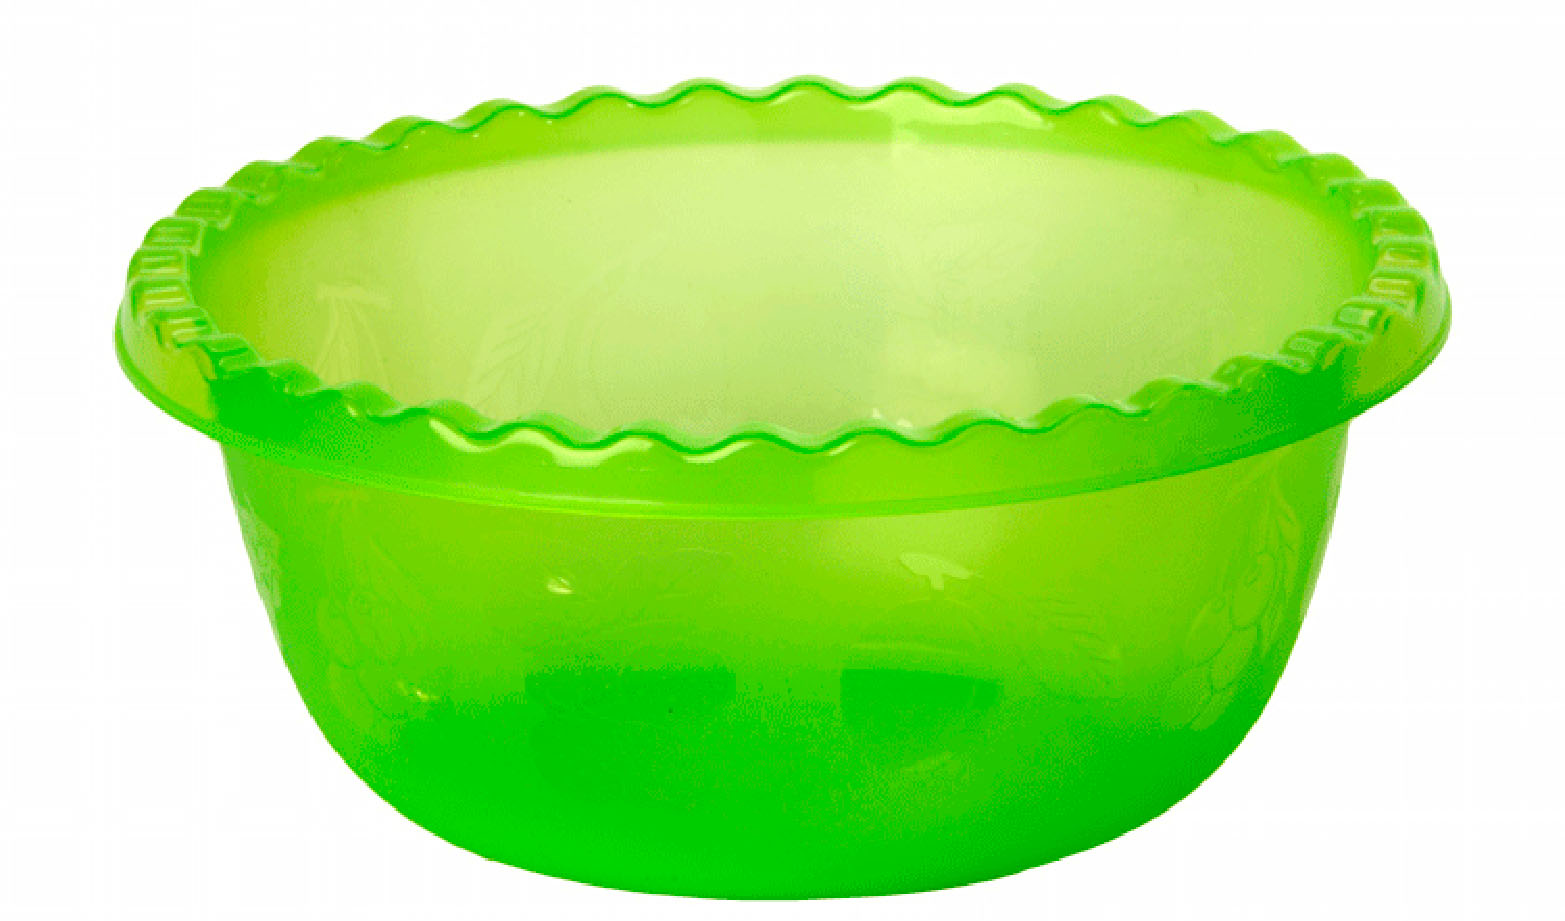 Миска Idea, цвет: салатовый, 1,8 лМ 1311Вместительная миска Idea изготовлена из высококачественного пищевого полипропилена. Изделие очень функциональное, оно пригодится на кухне для самых разнообразных нужд: в качестве салатника, миски, тарелки. По периметру миска украшена узором в виде фруктов.